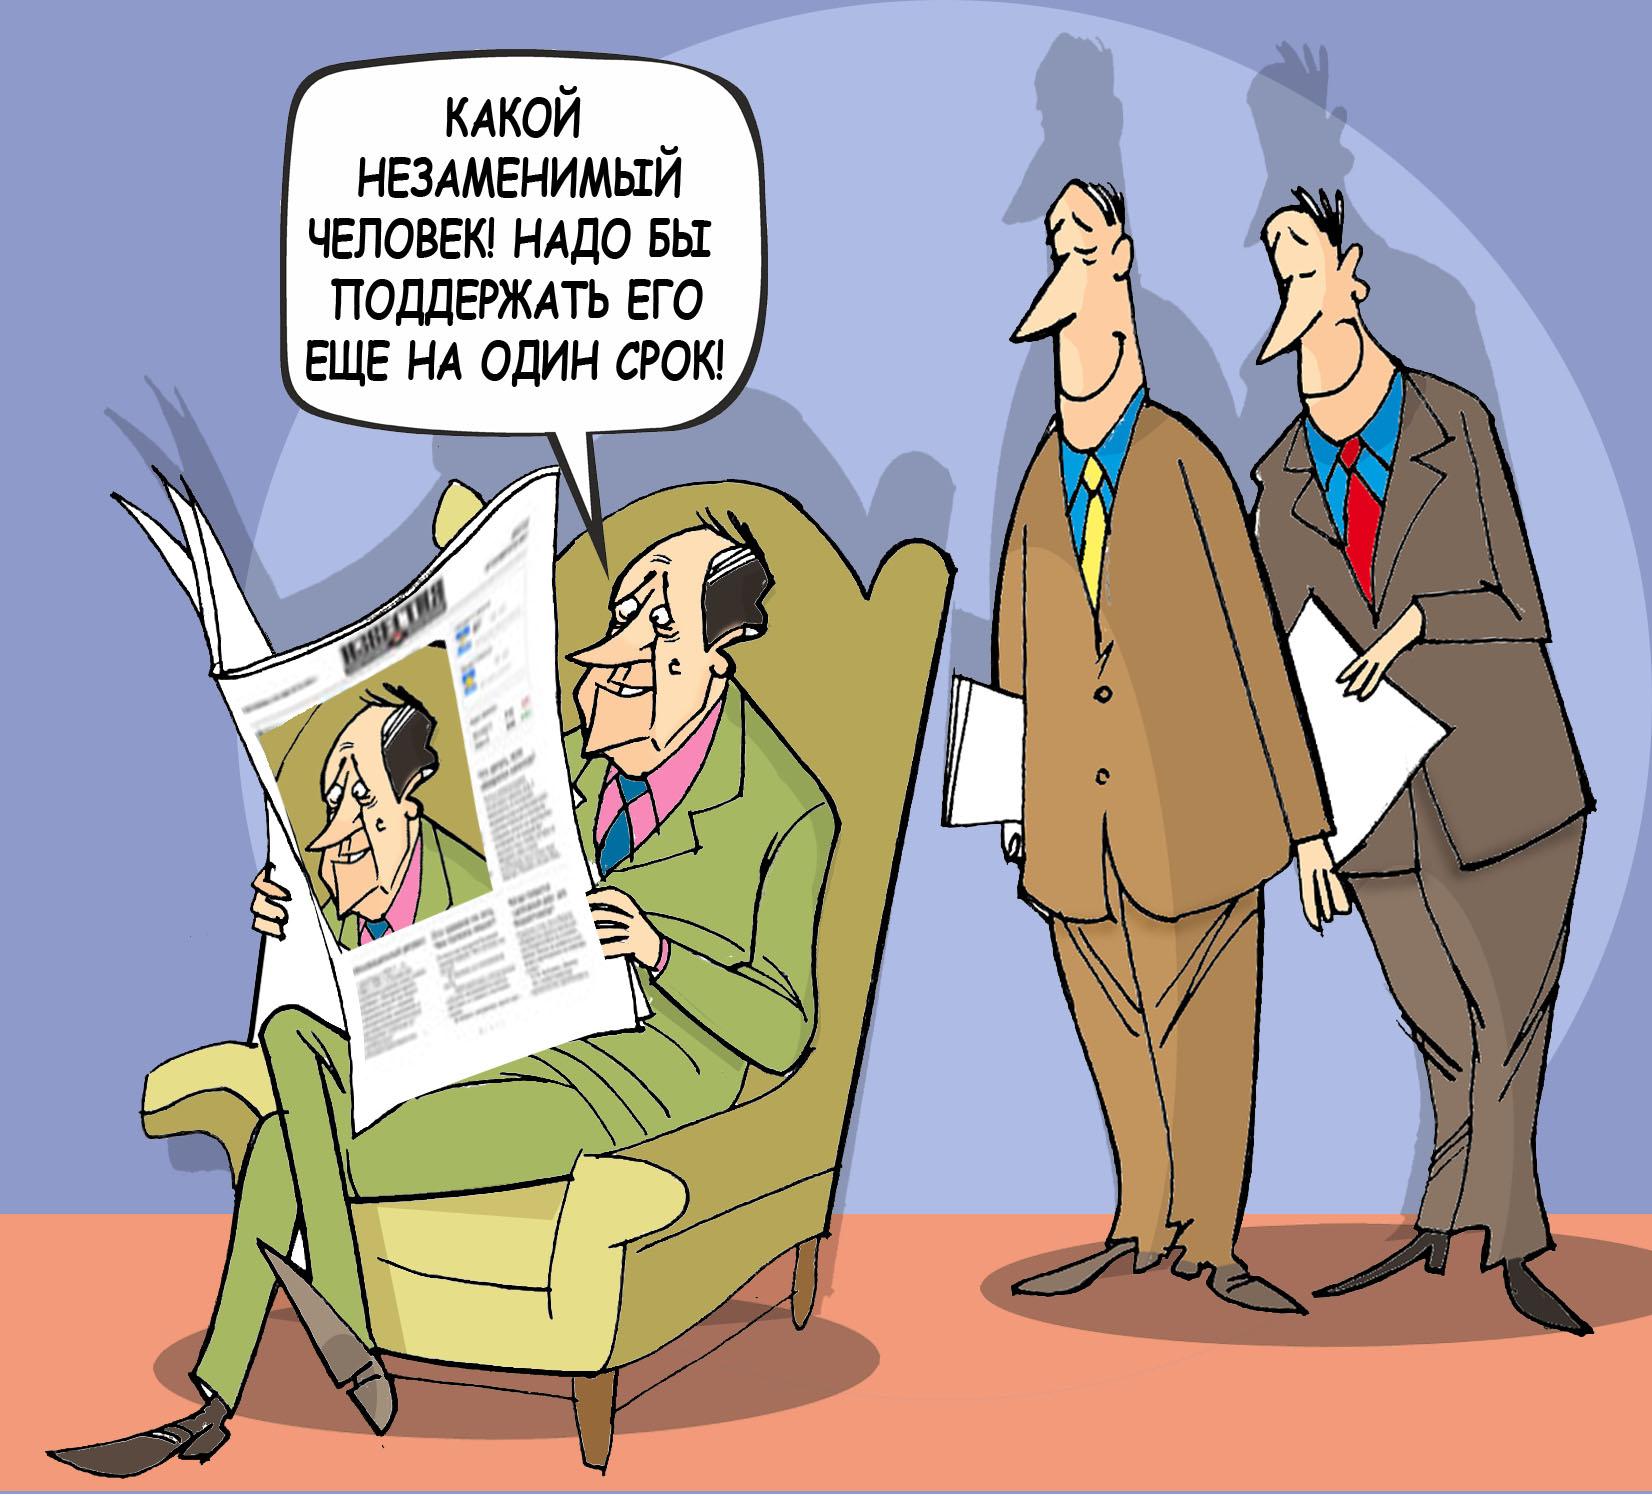 """Незаменимый. Ну, разве 20 лет - это срок? #ПрезидентУР #Волков © Газета """"День"""" 2012"""